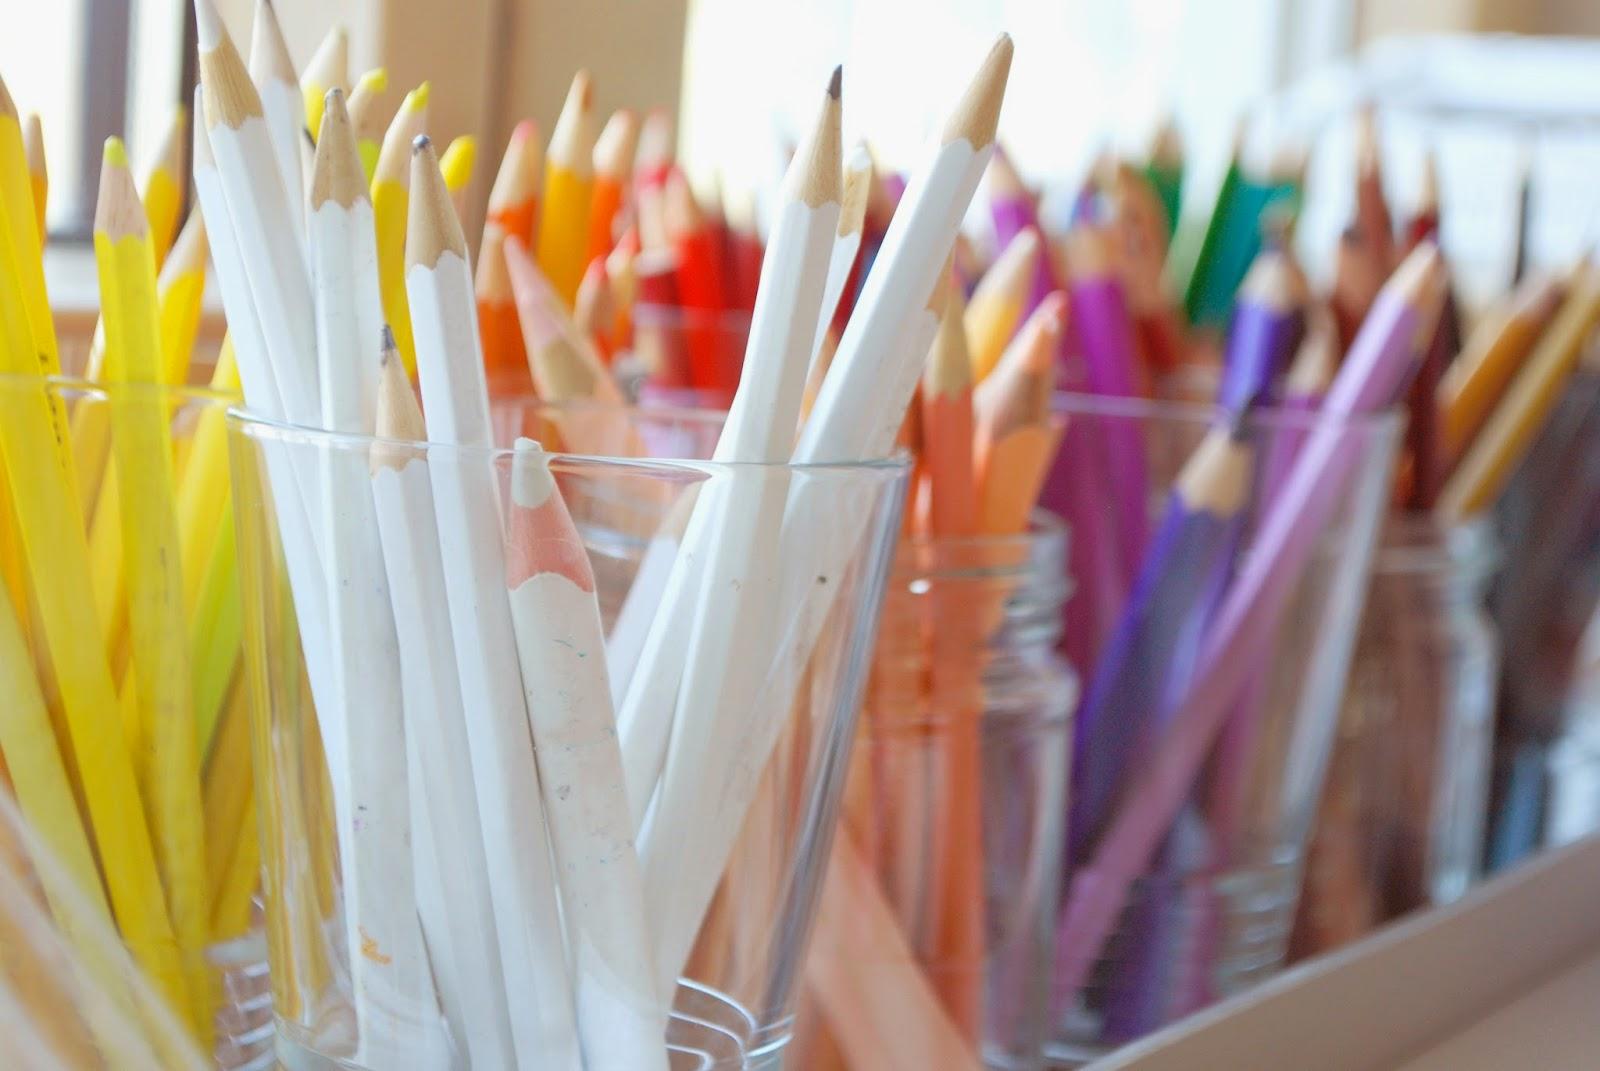 Ordnung im Kinderzimmer - Buntstifte ordnen